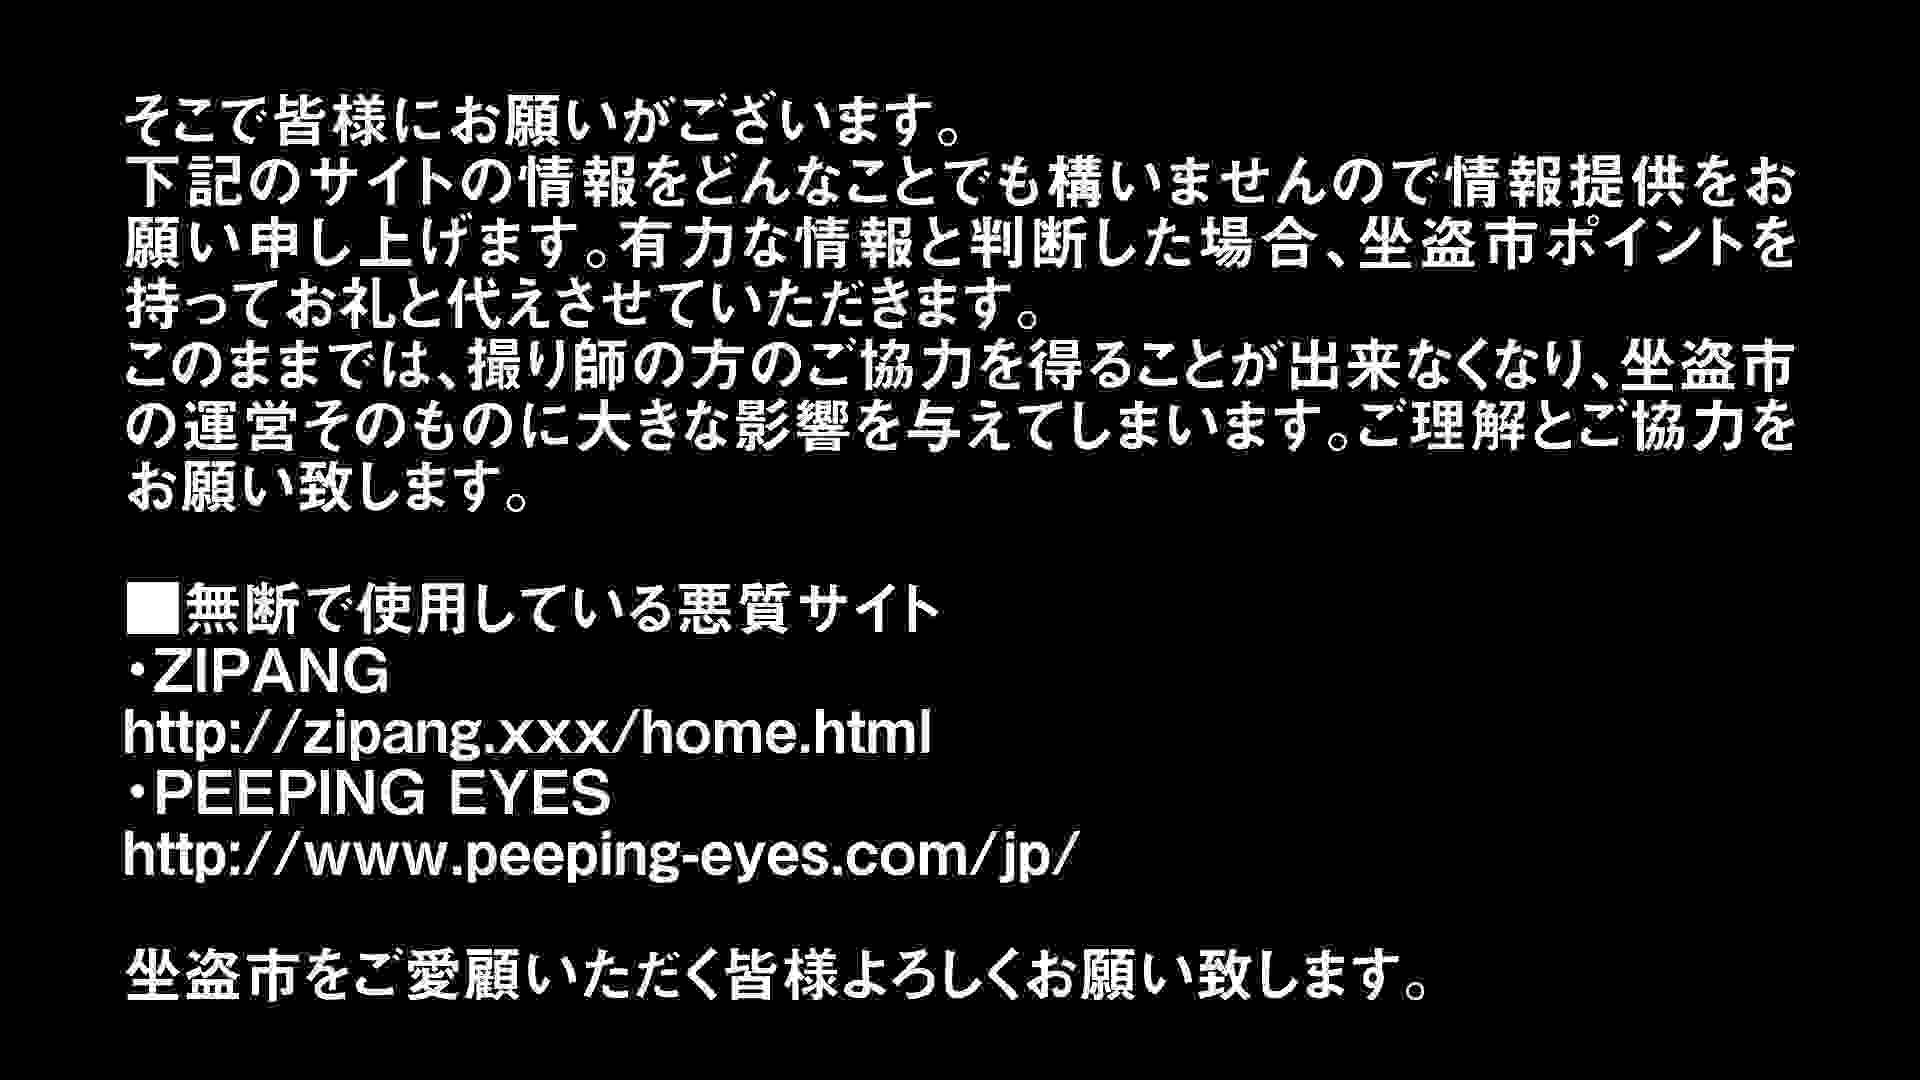 Aquaな露天風呂Vol.300 OLのエロ生活 隠し撮りオマンコ動画紹介 83連発 35